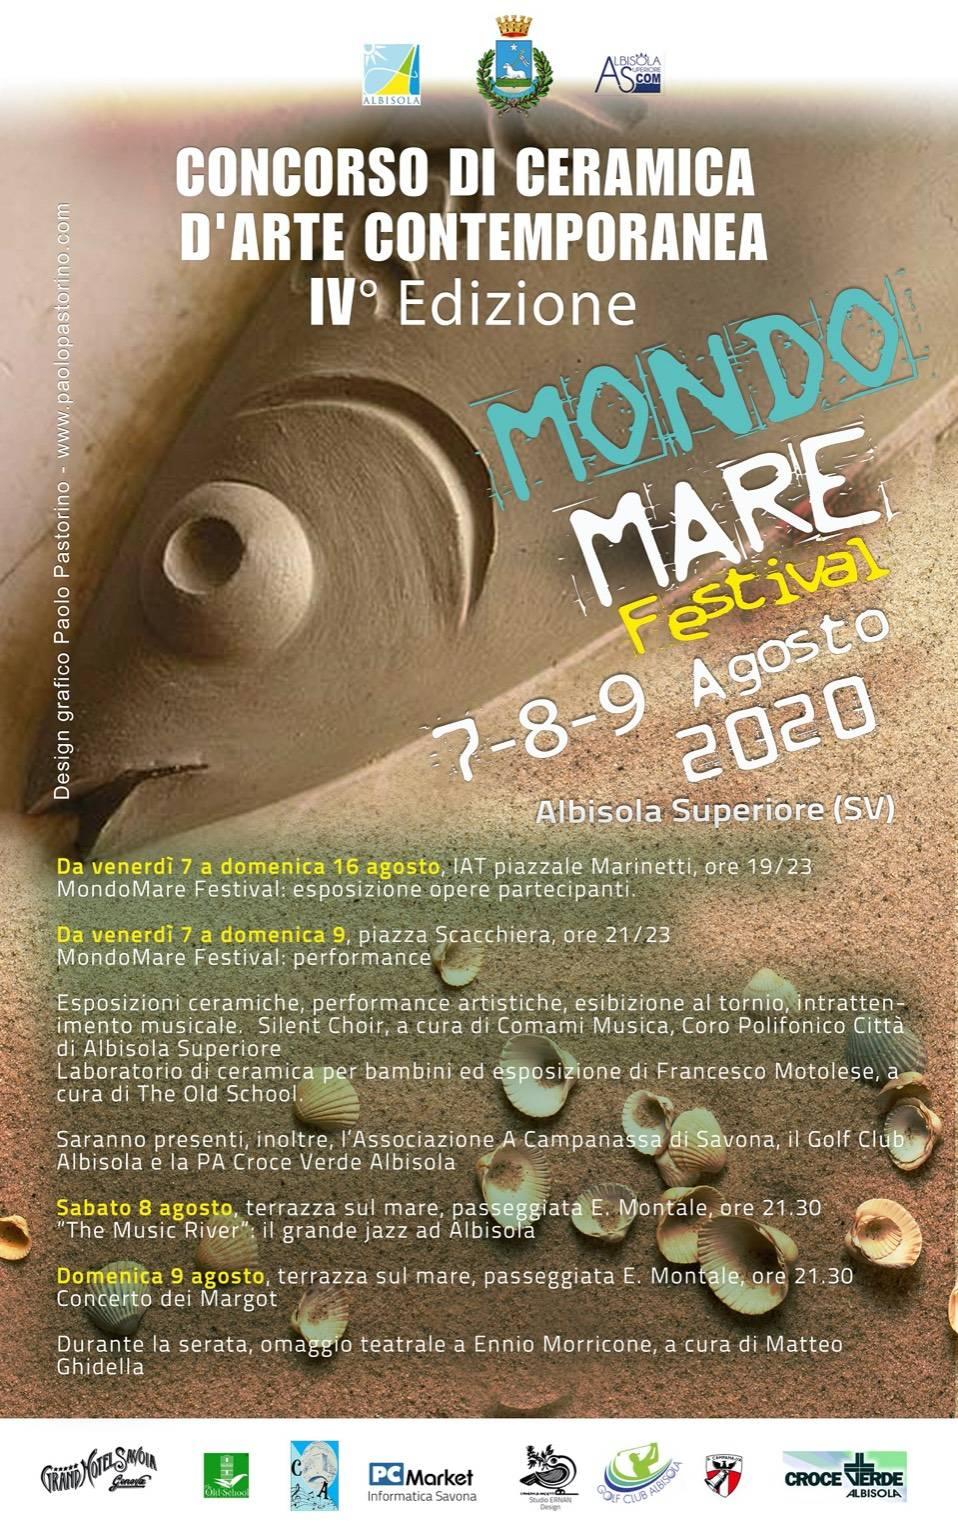 Albisola Superiore MondoMare Festival 2020